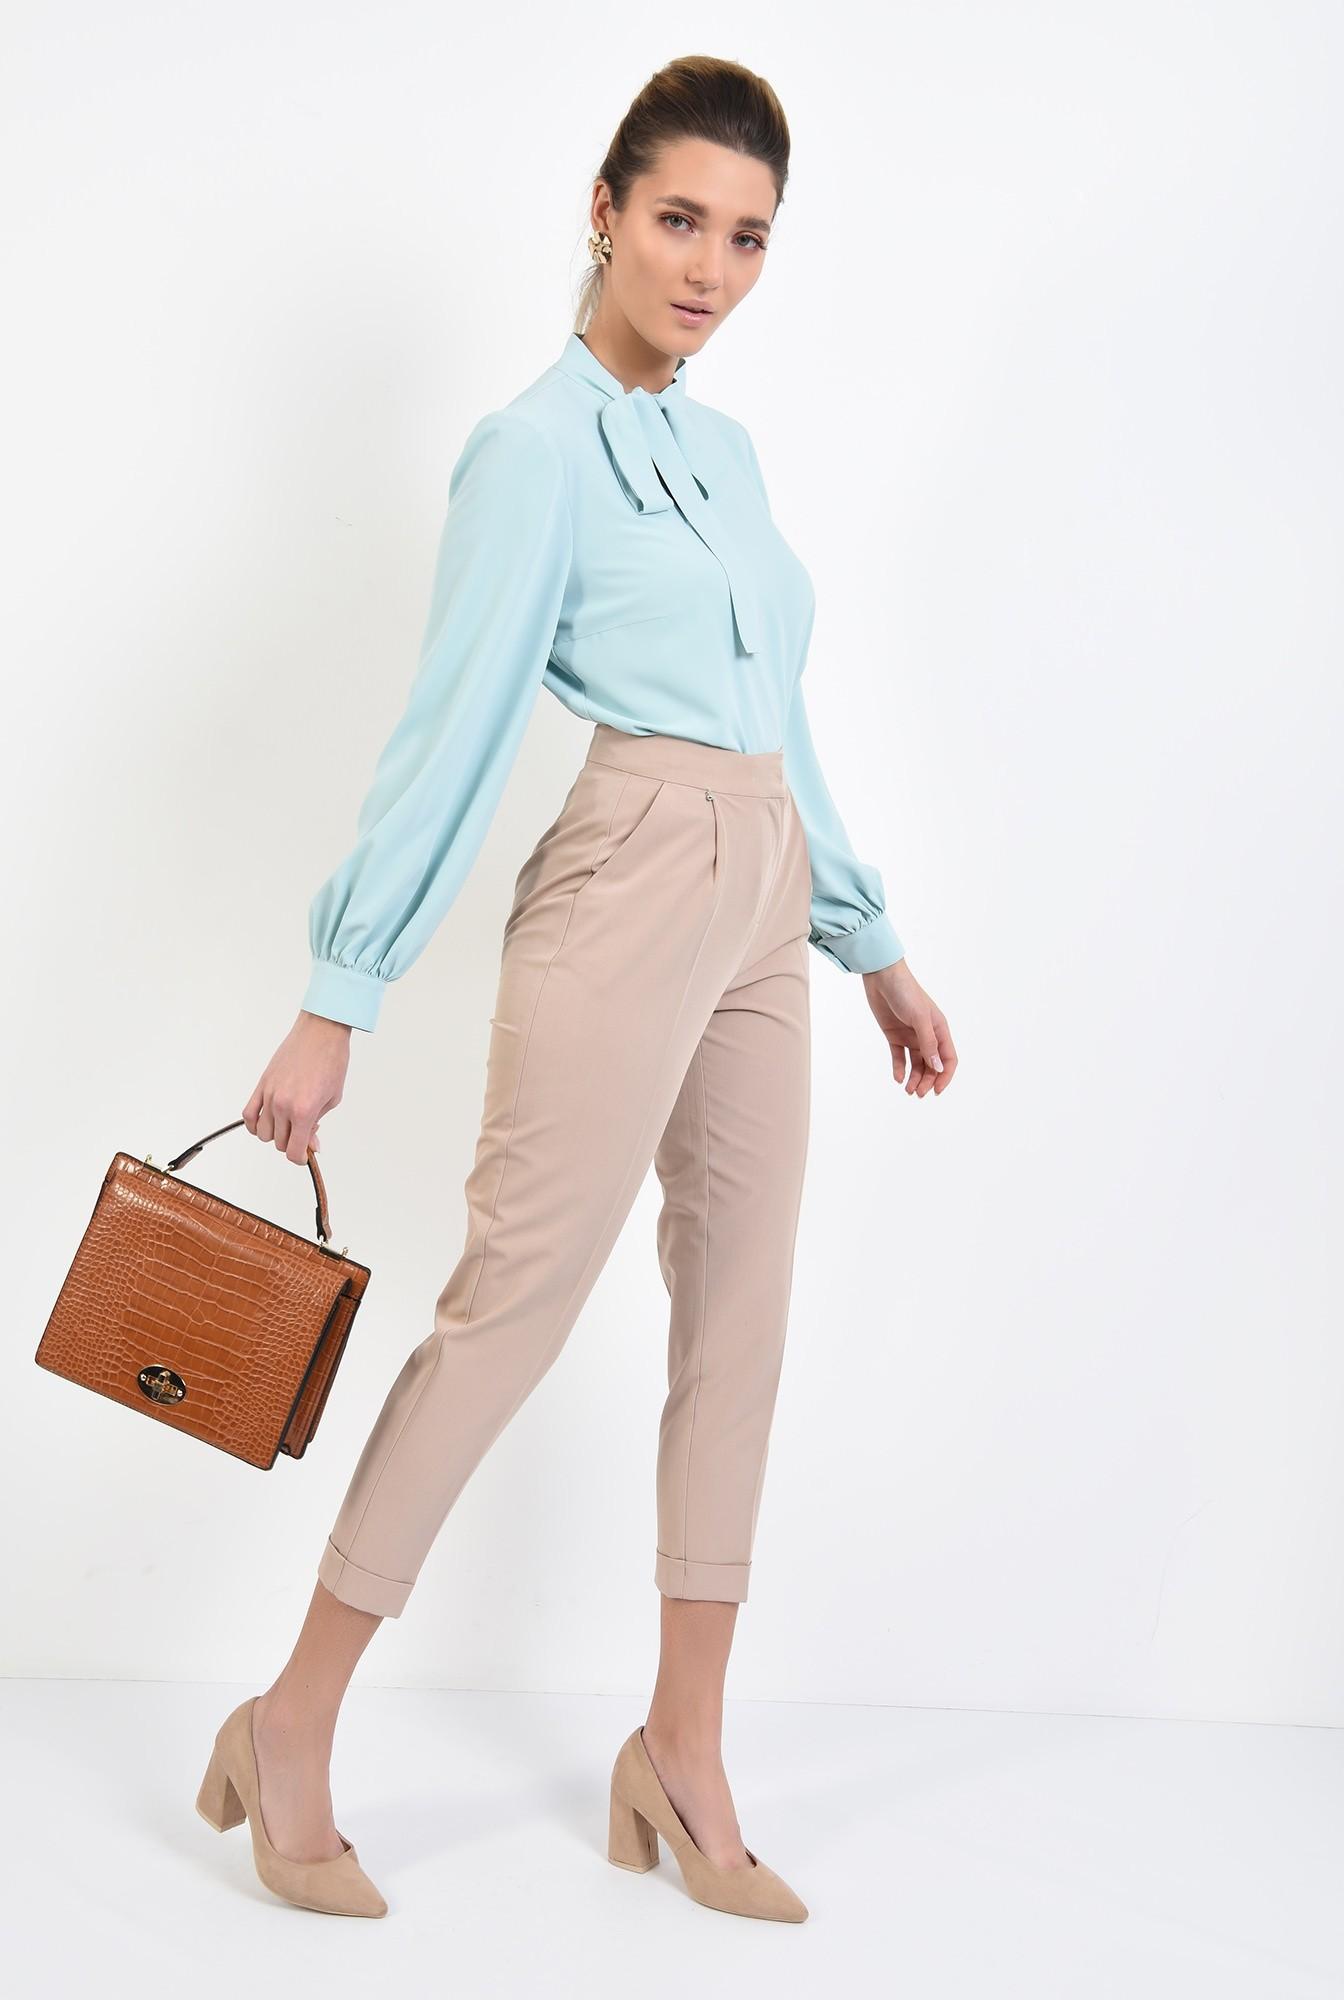 360 - bluza casual, cu funda laterala, maneci lungi, bluza de primavara